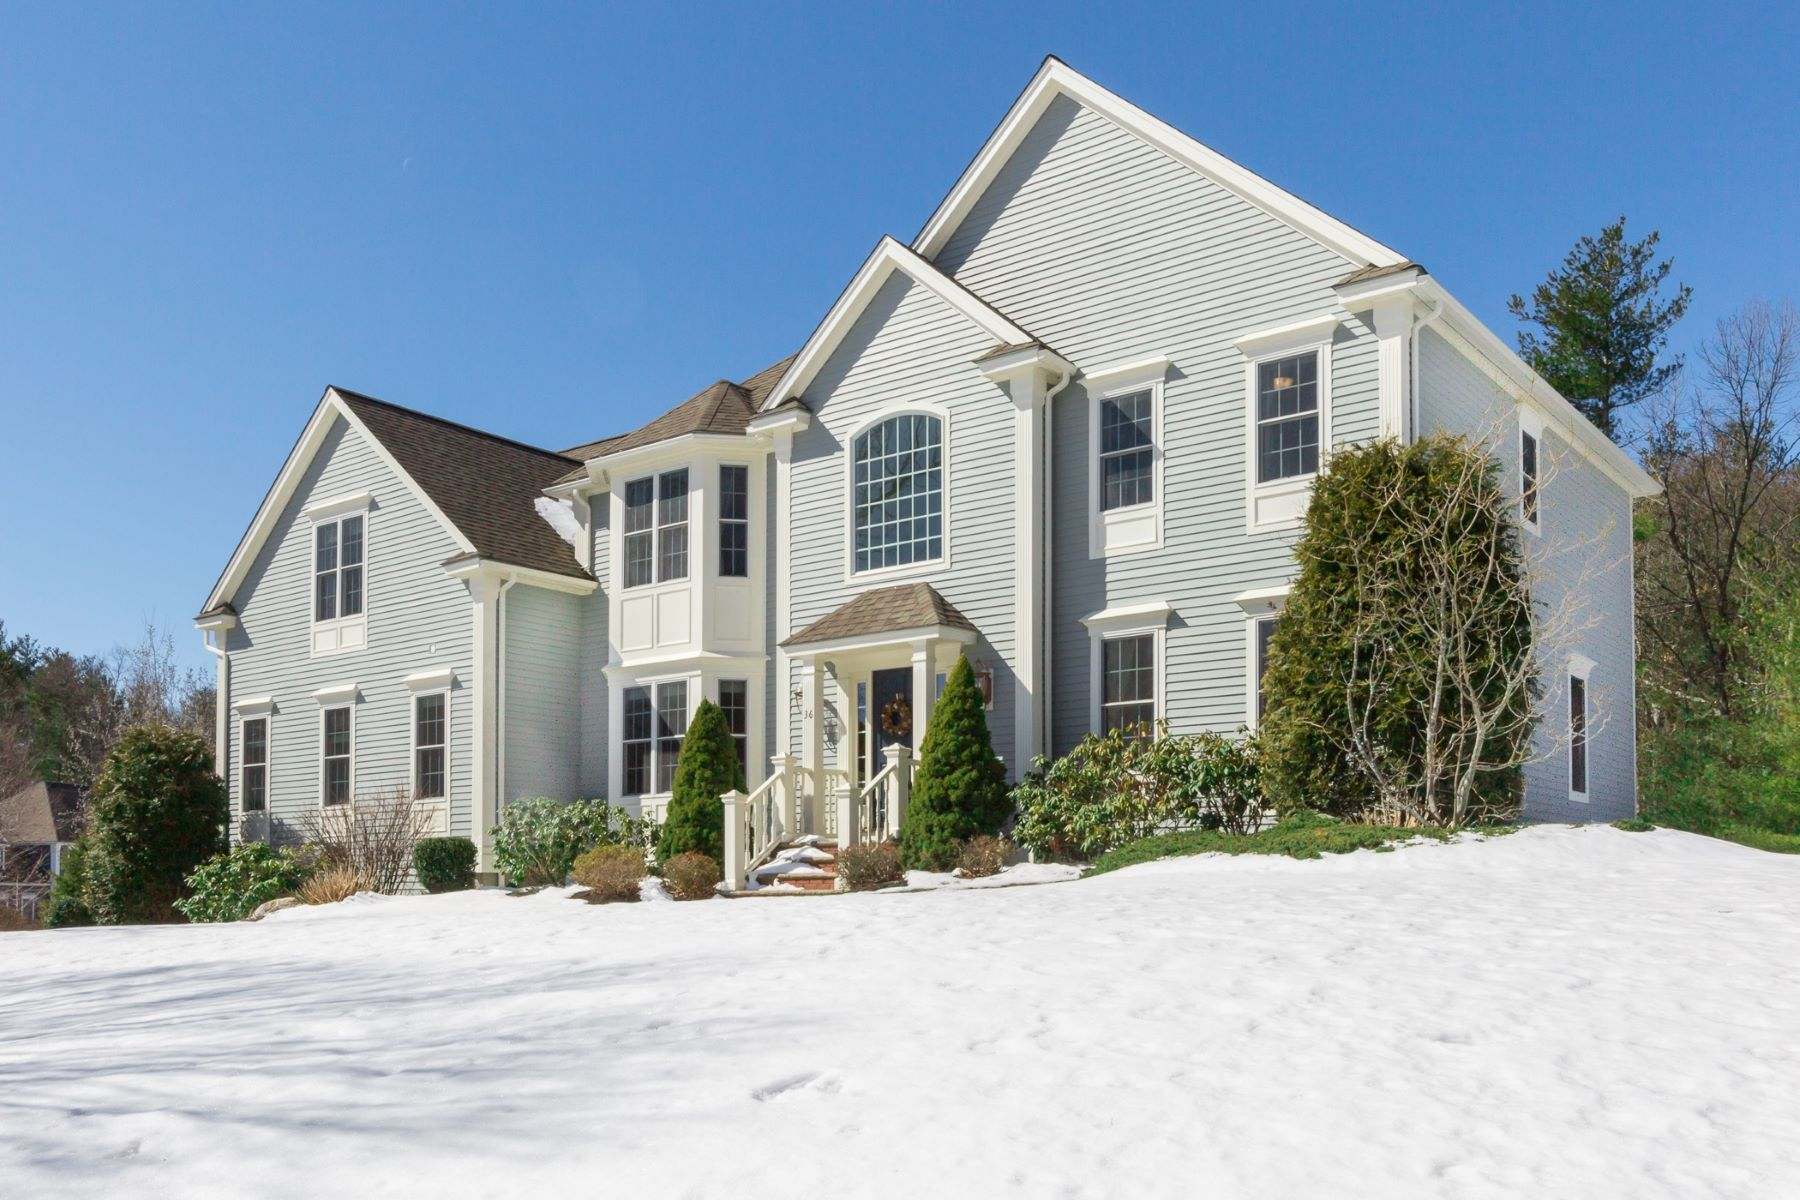 Maison unifamiliale pour l Vente à Pristine and Sunny Colonial 36 Robinson Drive Bedford, Massachusetts 01730 États-Unis